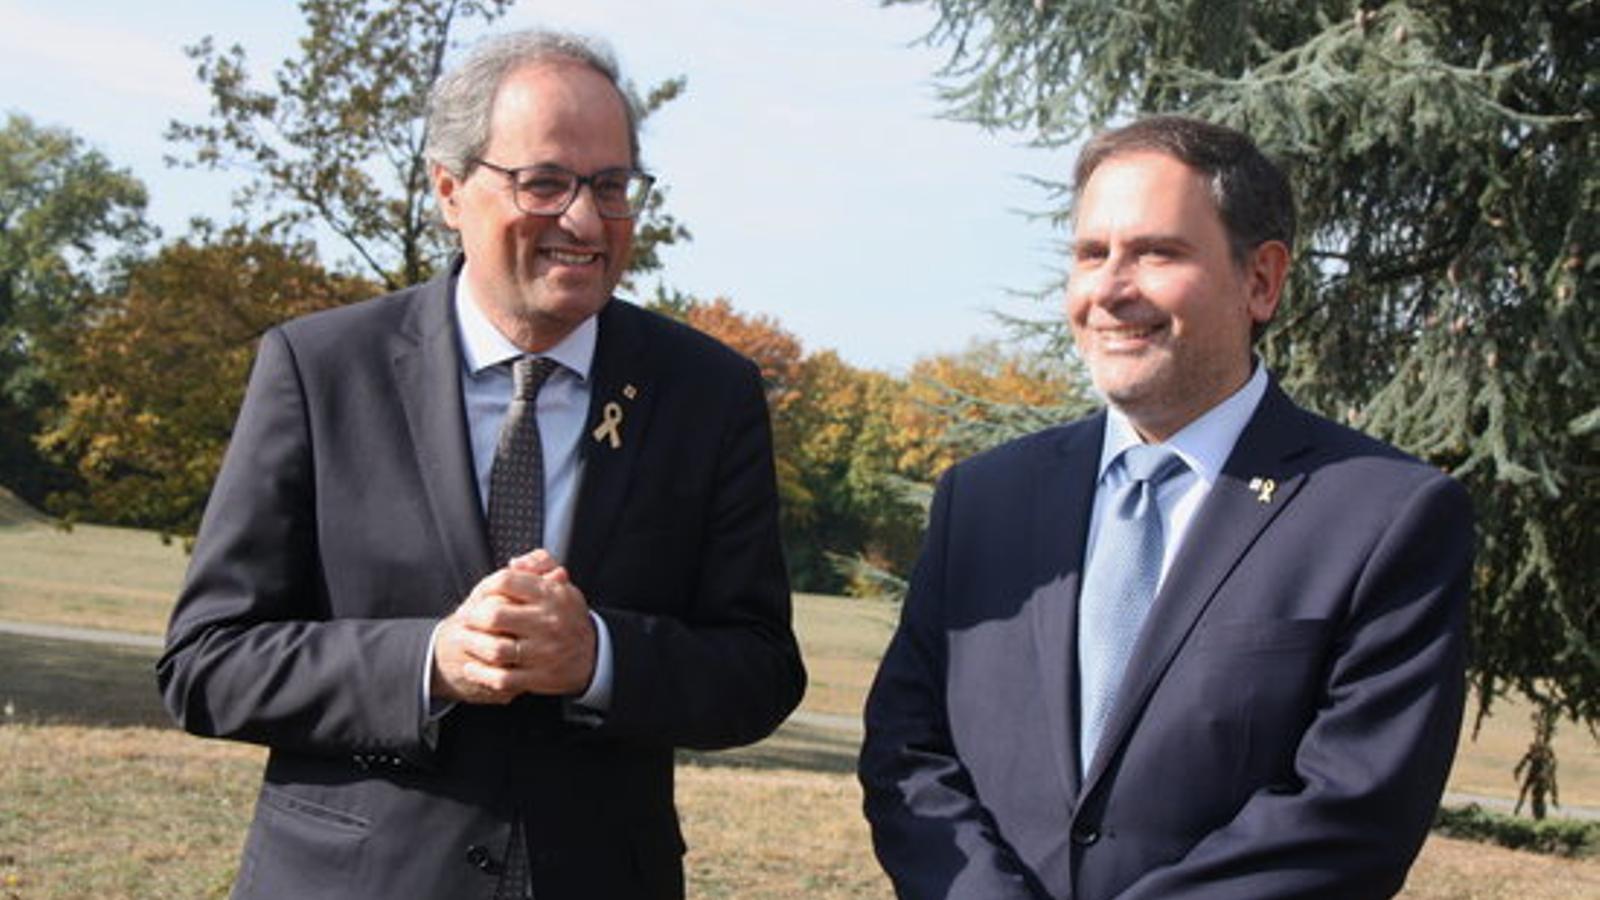 El president Quim Torra i el delegat de la Generalitat a Ginebra, Manuel Manonelles, prop de l'aeroport de la ciutat